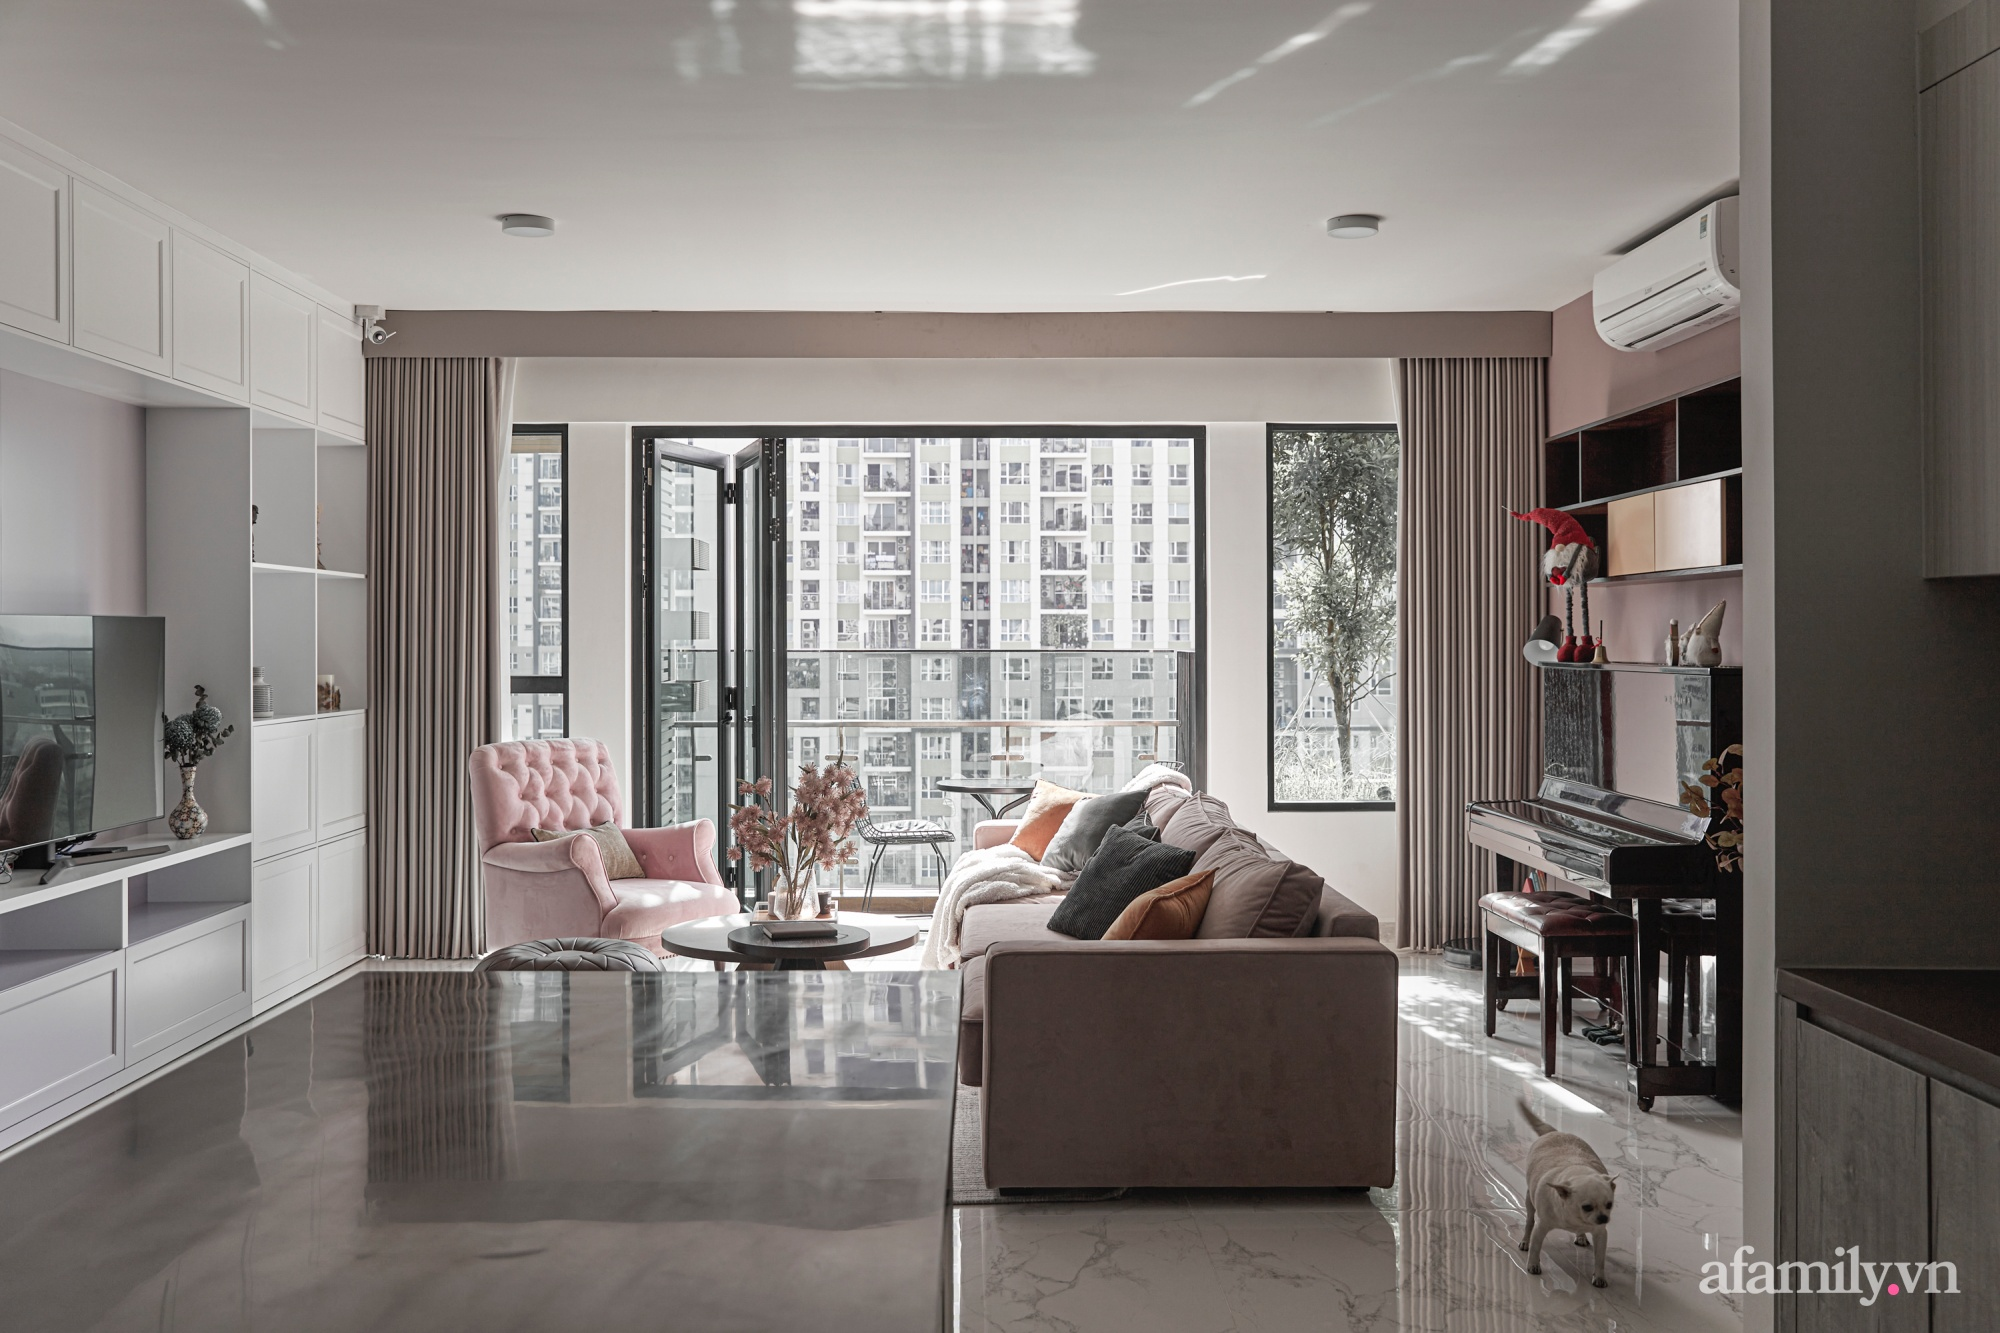 Căn hộ 170m² đẹp như bản tình ca lãng mạn nhờ sử dụng những gam màu nhẹ nhàng, nội thất cao cấp ở Sài Gòn - Ảnh 2.